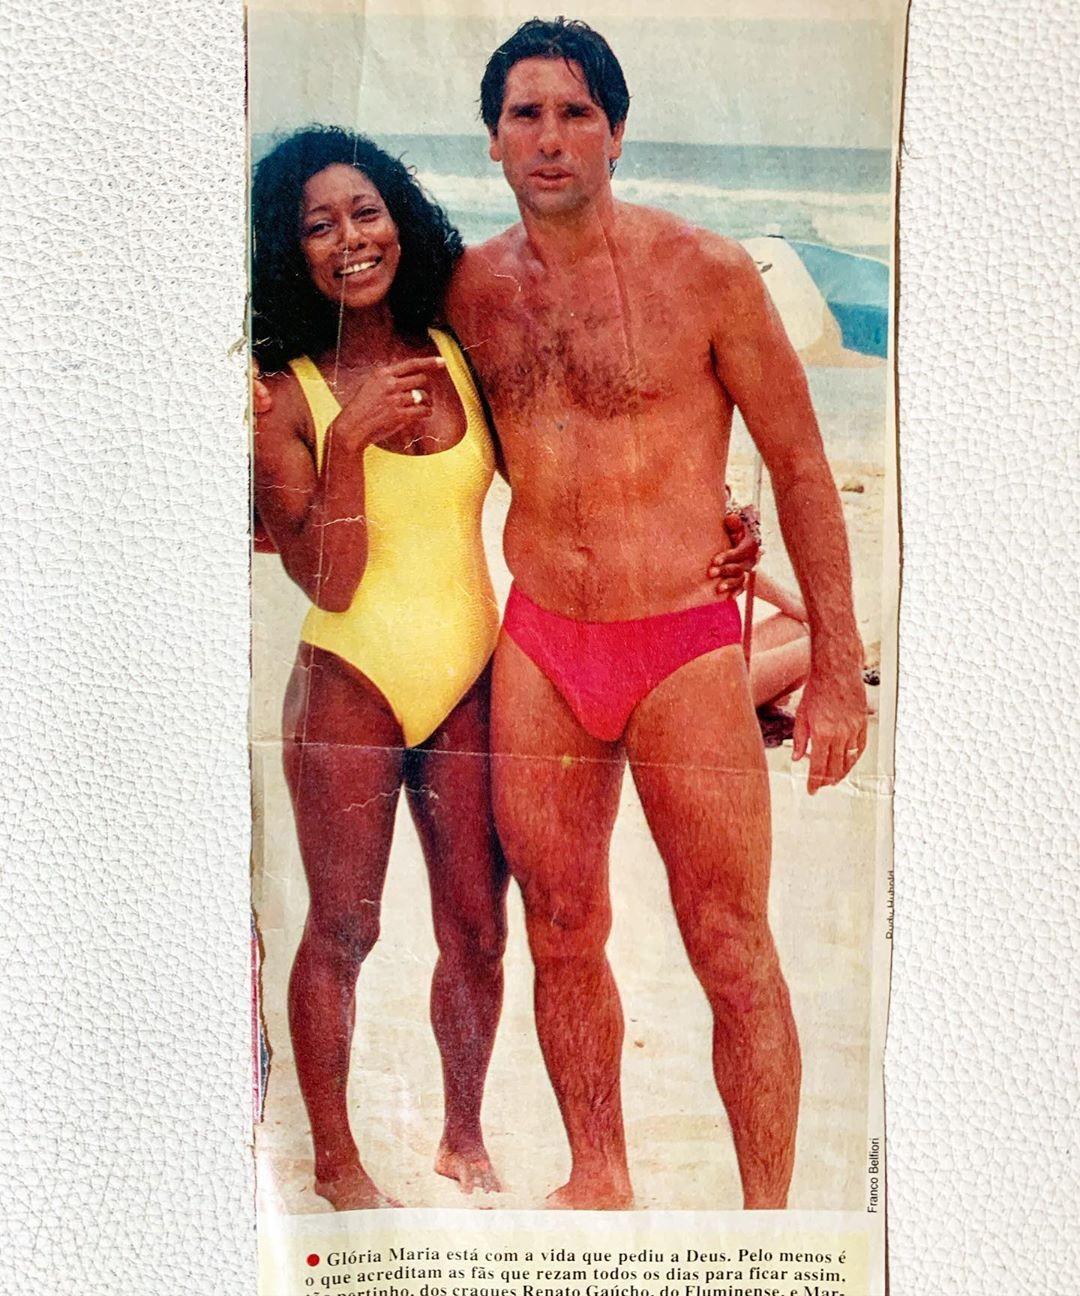 Gloria Maria e Renato Gaúcho (Foto: Reprodução/Instagram)